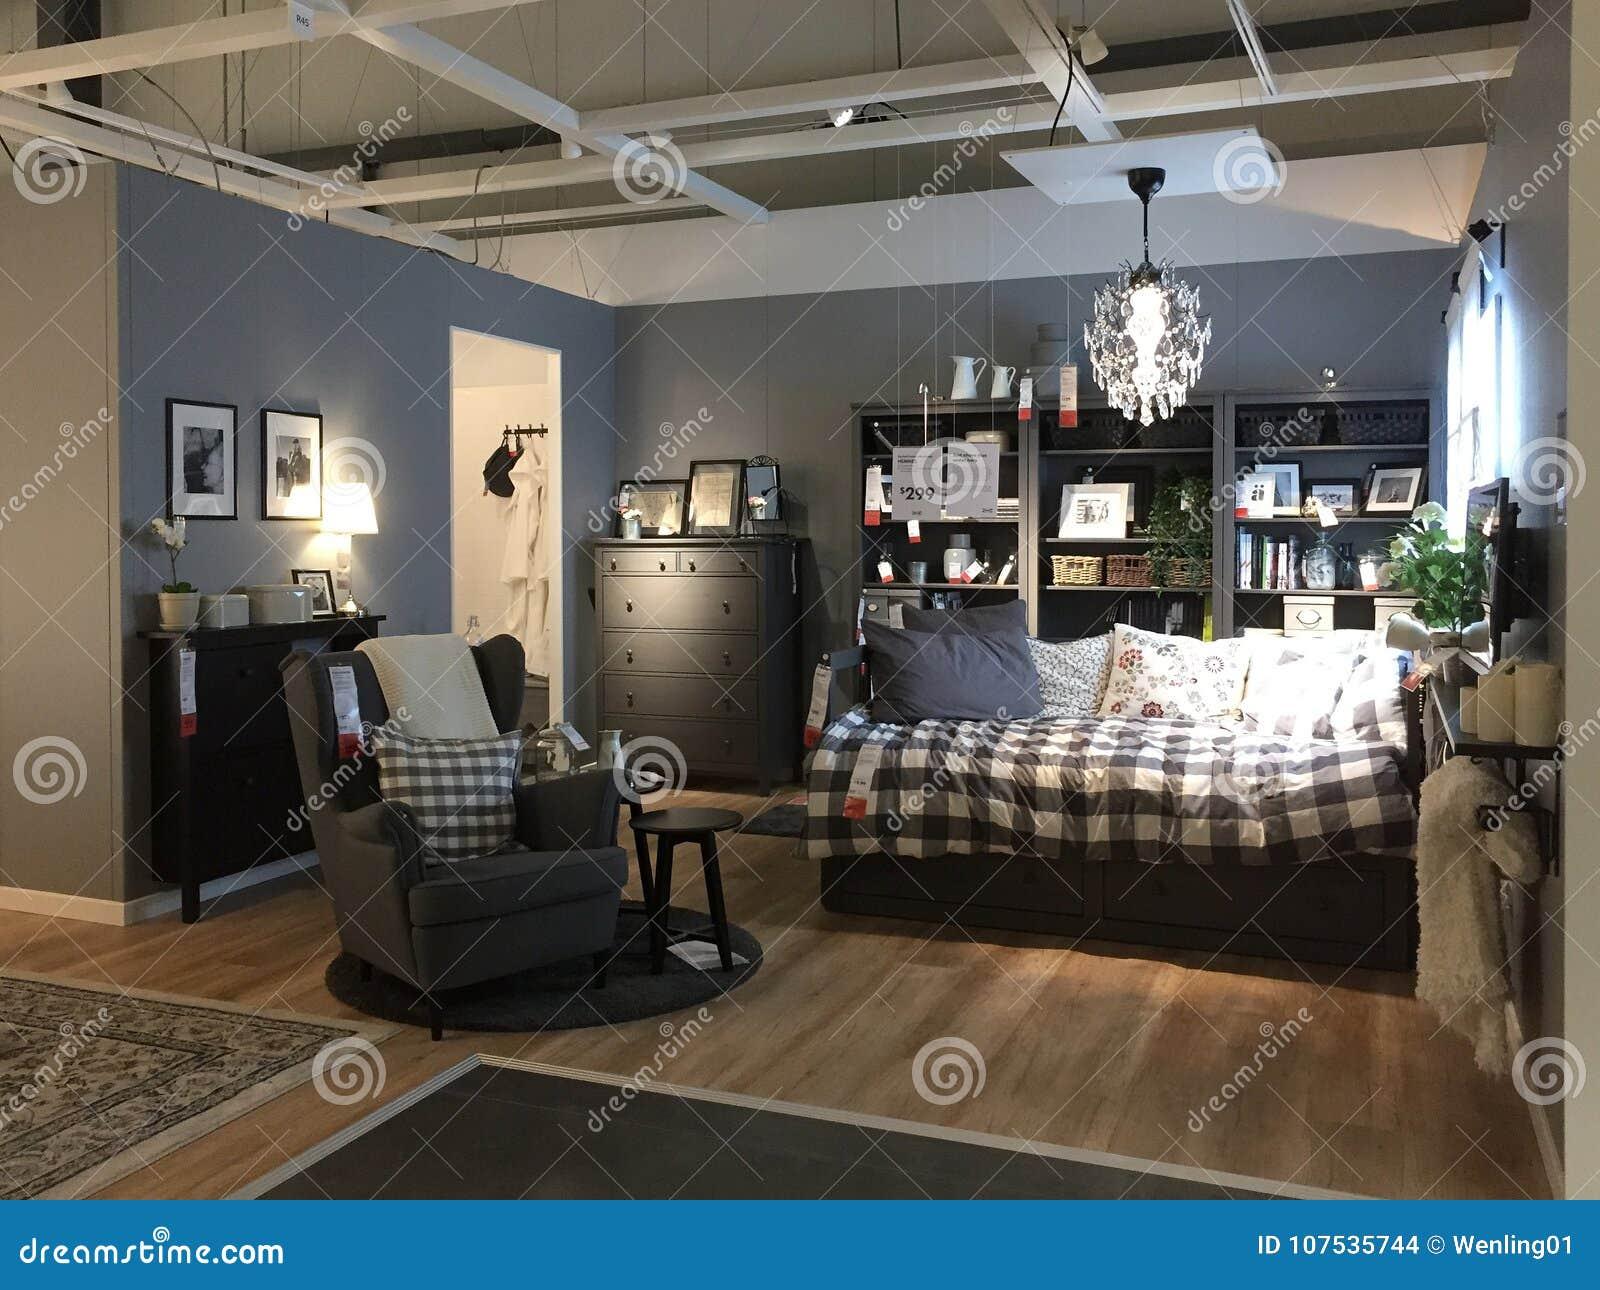 Camere Da Letto Da Ikea.Progettazione Moderna Della Camera Da Letto Al Deposito Ikea